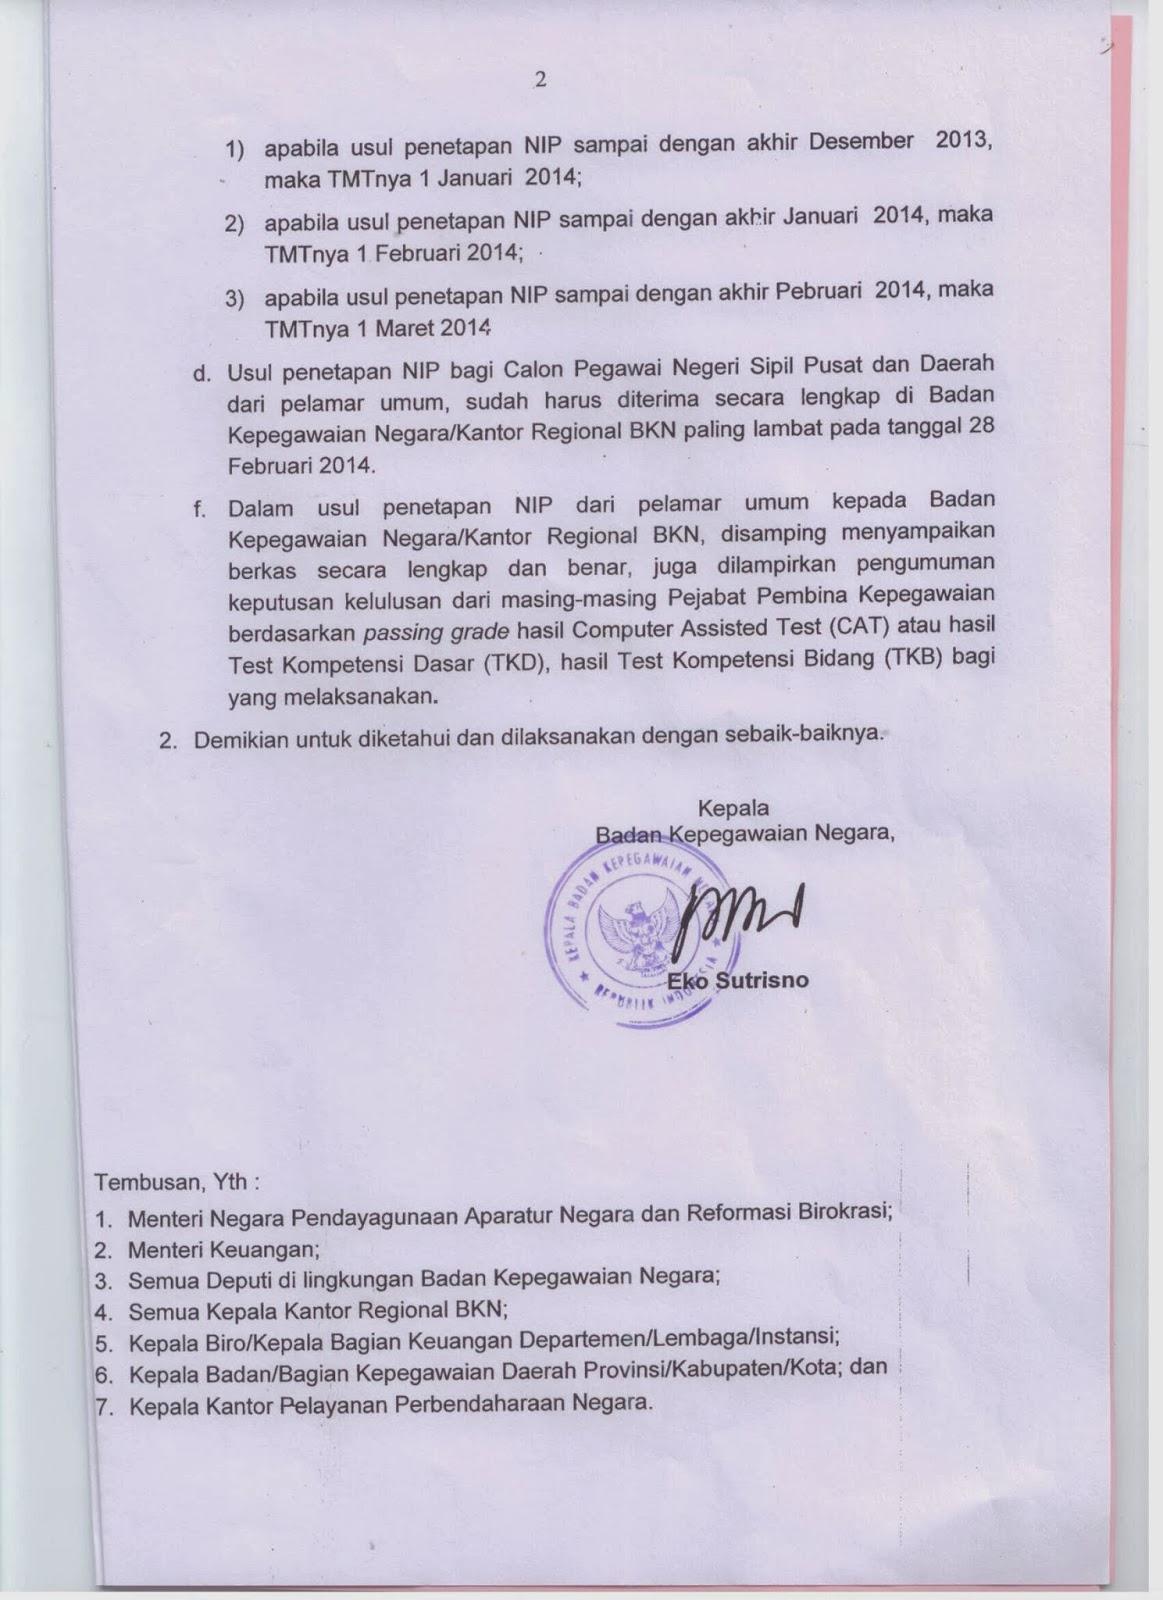 Tes Cpns 2013 Di Ngawi Pusat Soal Cpns No1 Indonesia 2007 2016 Usul Penetapan Nip Bagi Calon Pegawai Negeri Sipil Pusat Dan Daerah